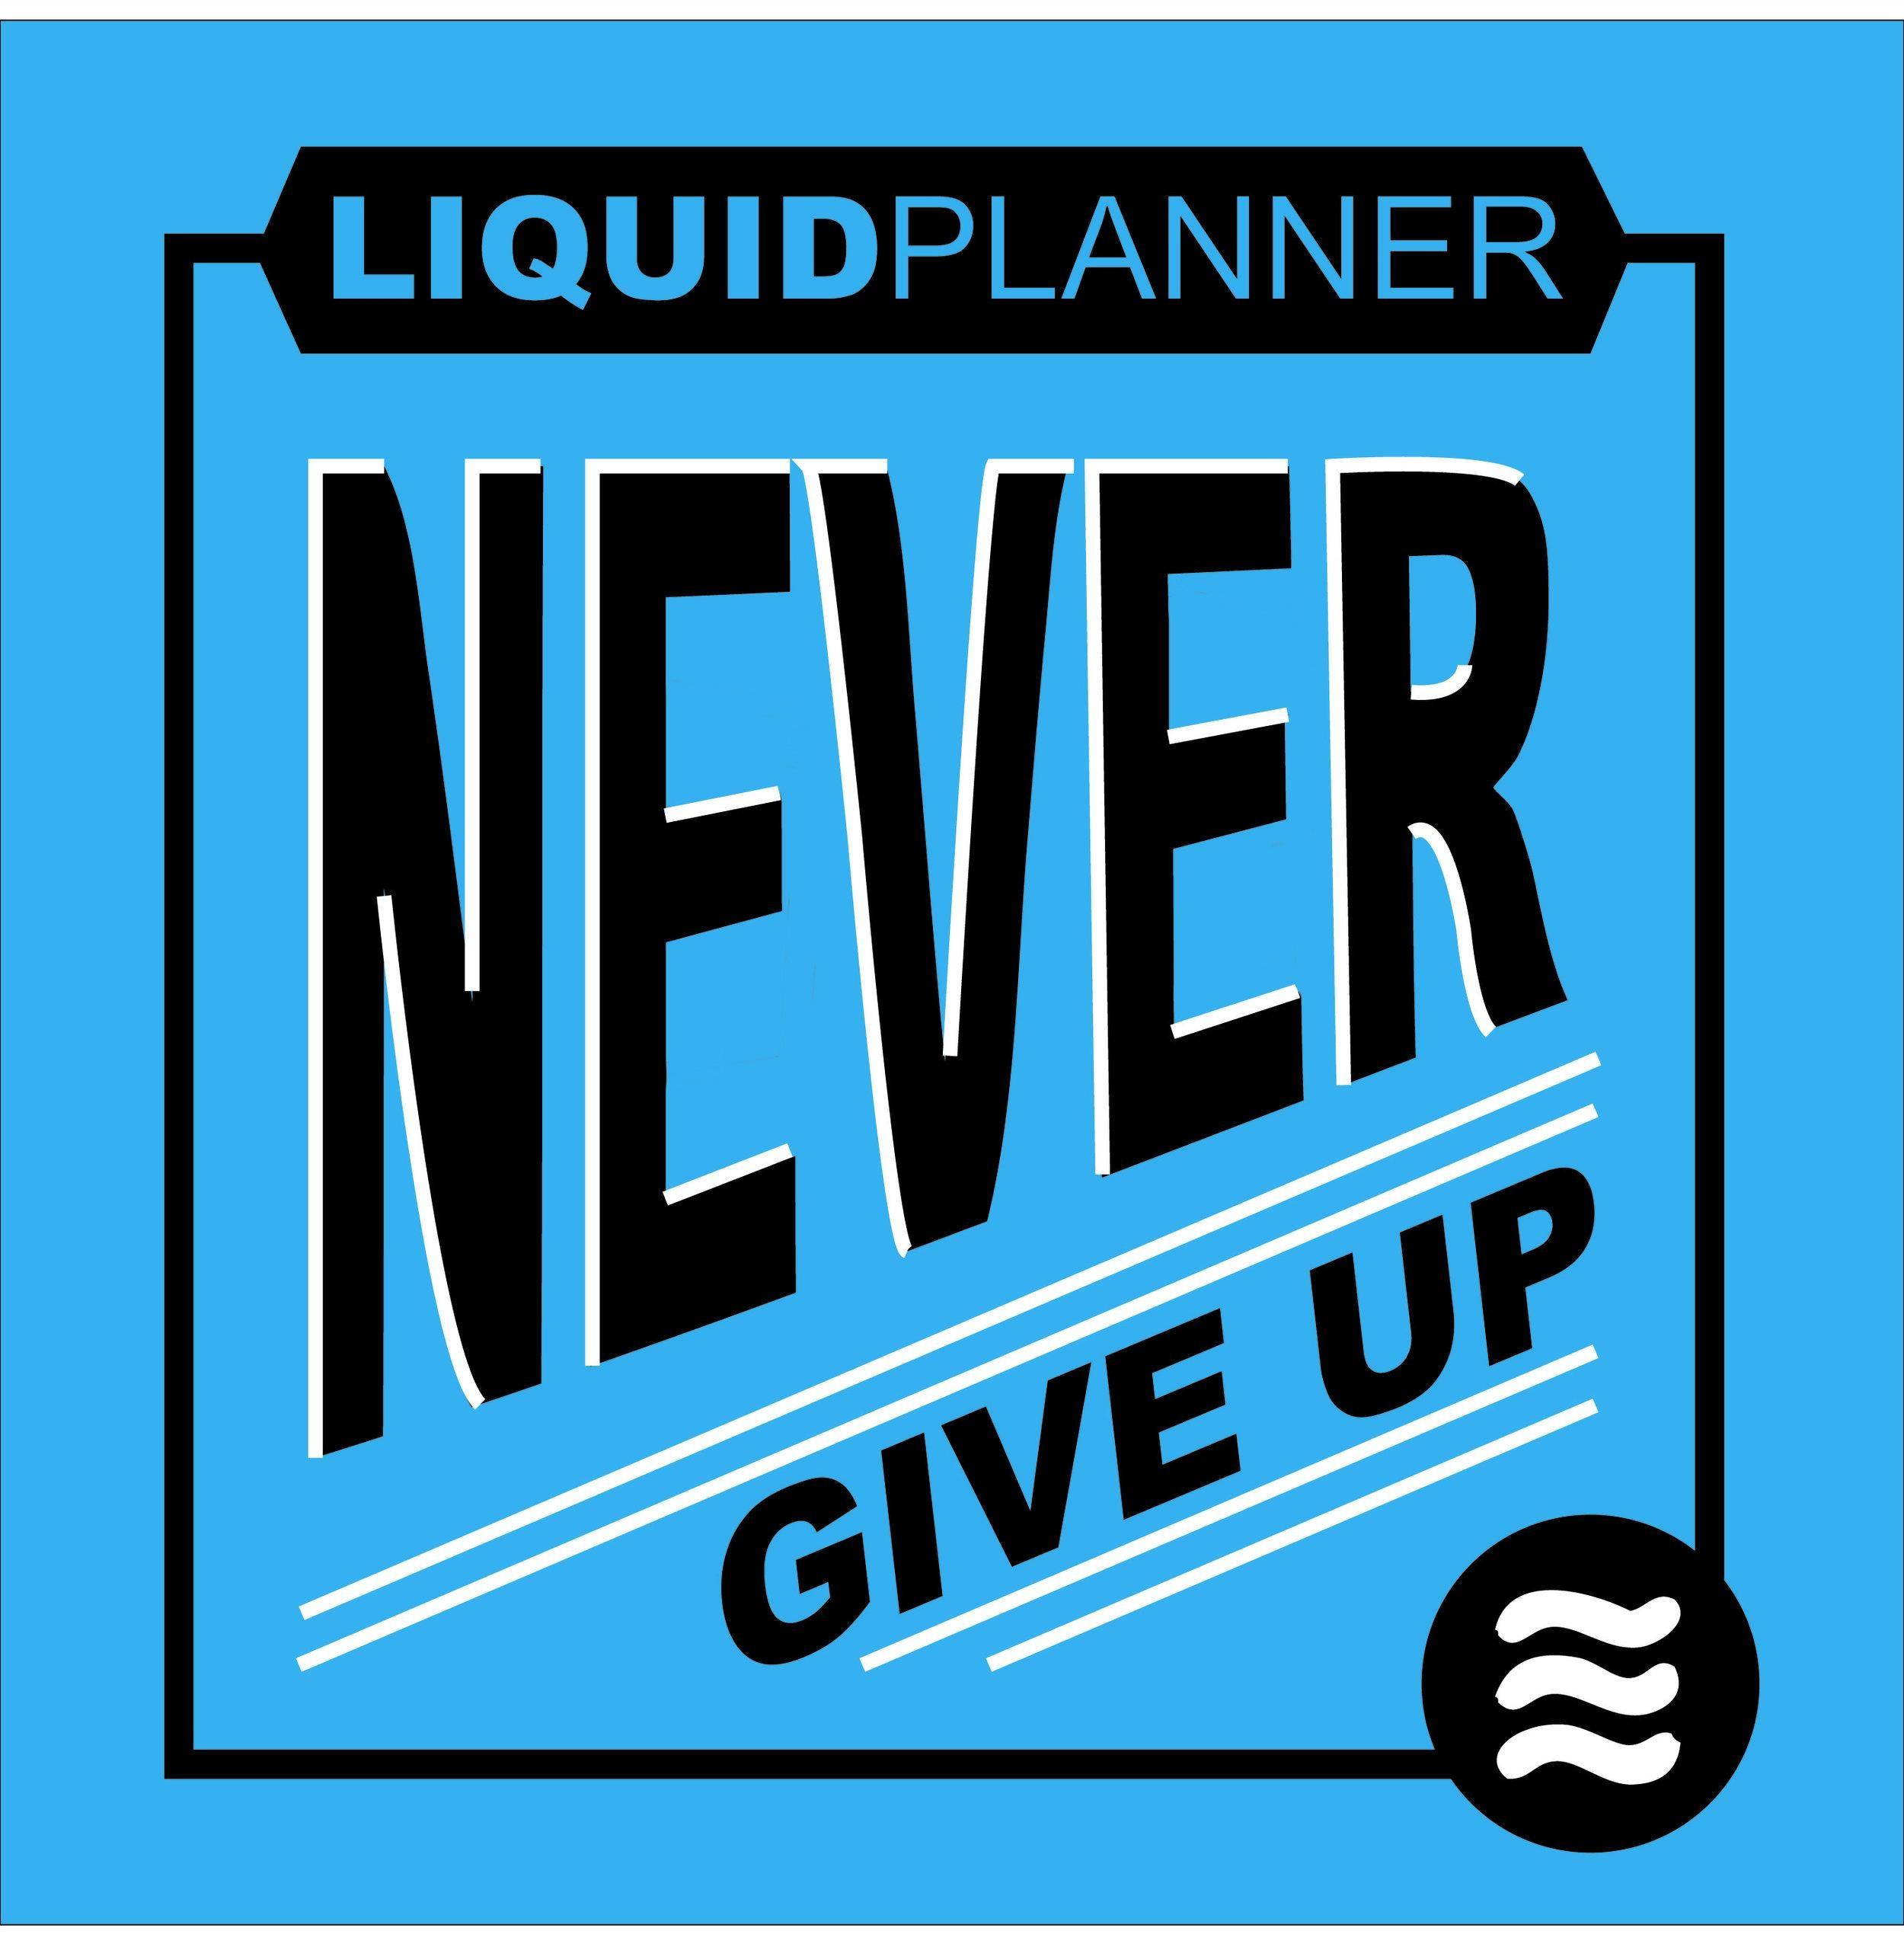 1_Liquid Planner Drafts-05-04.jpg hero.jpg